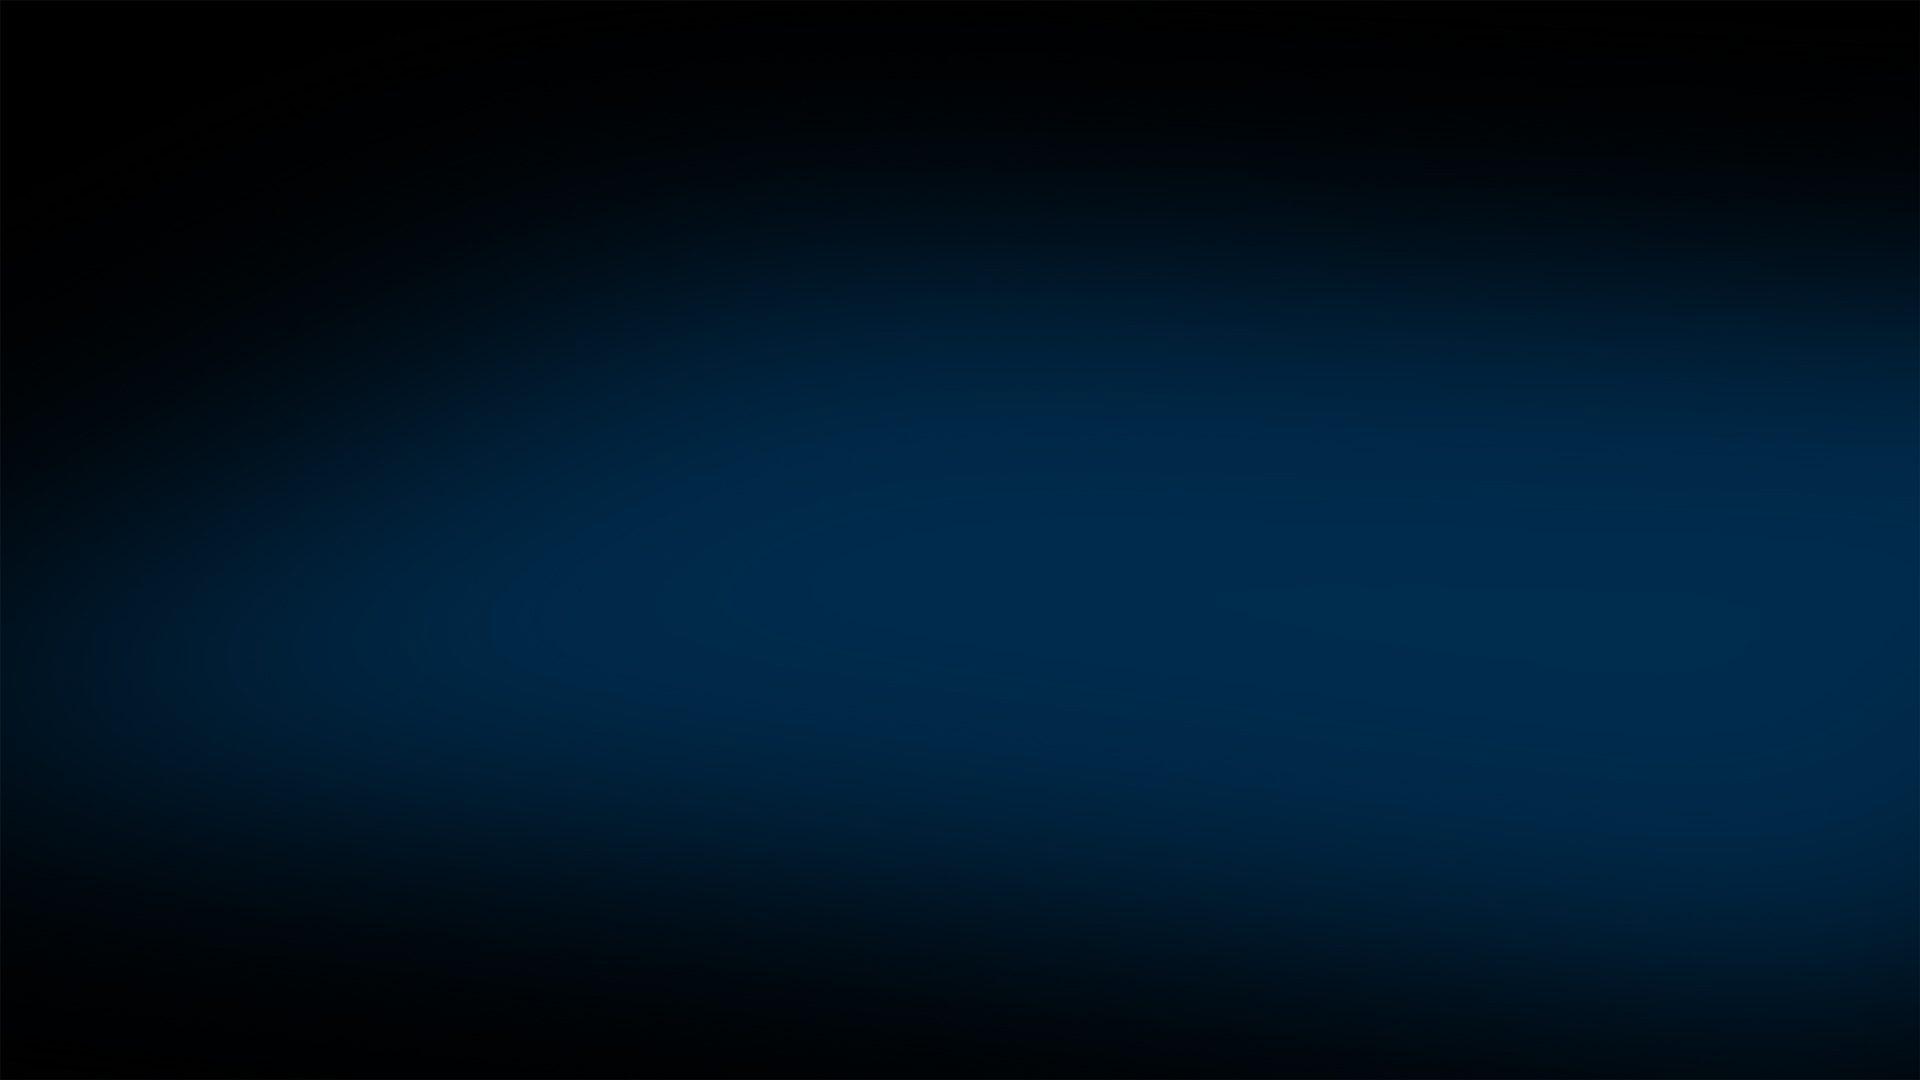 10-Vidaa-Background